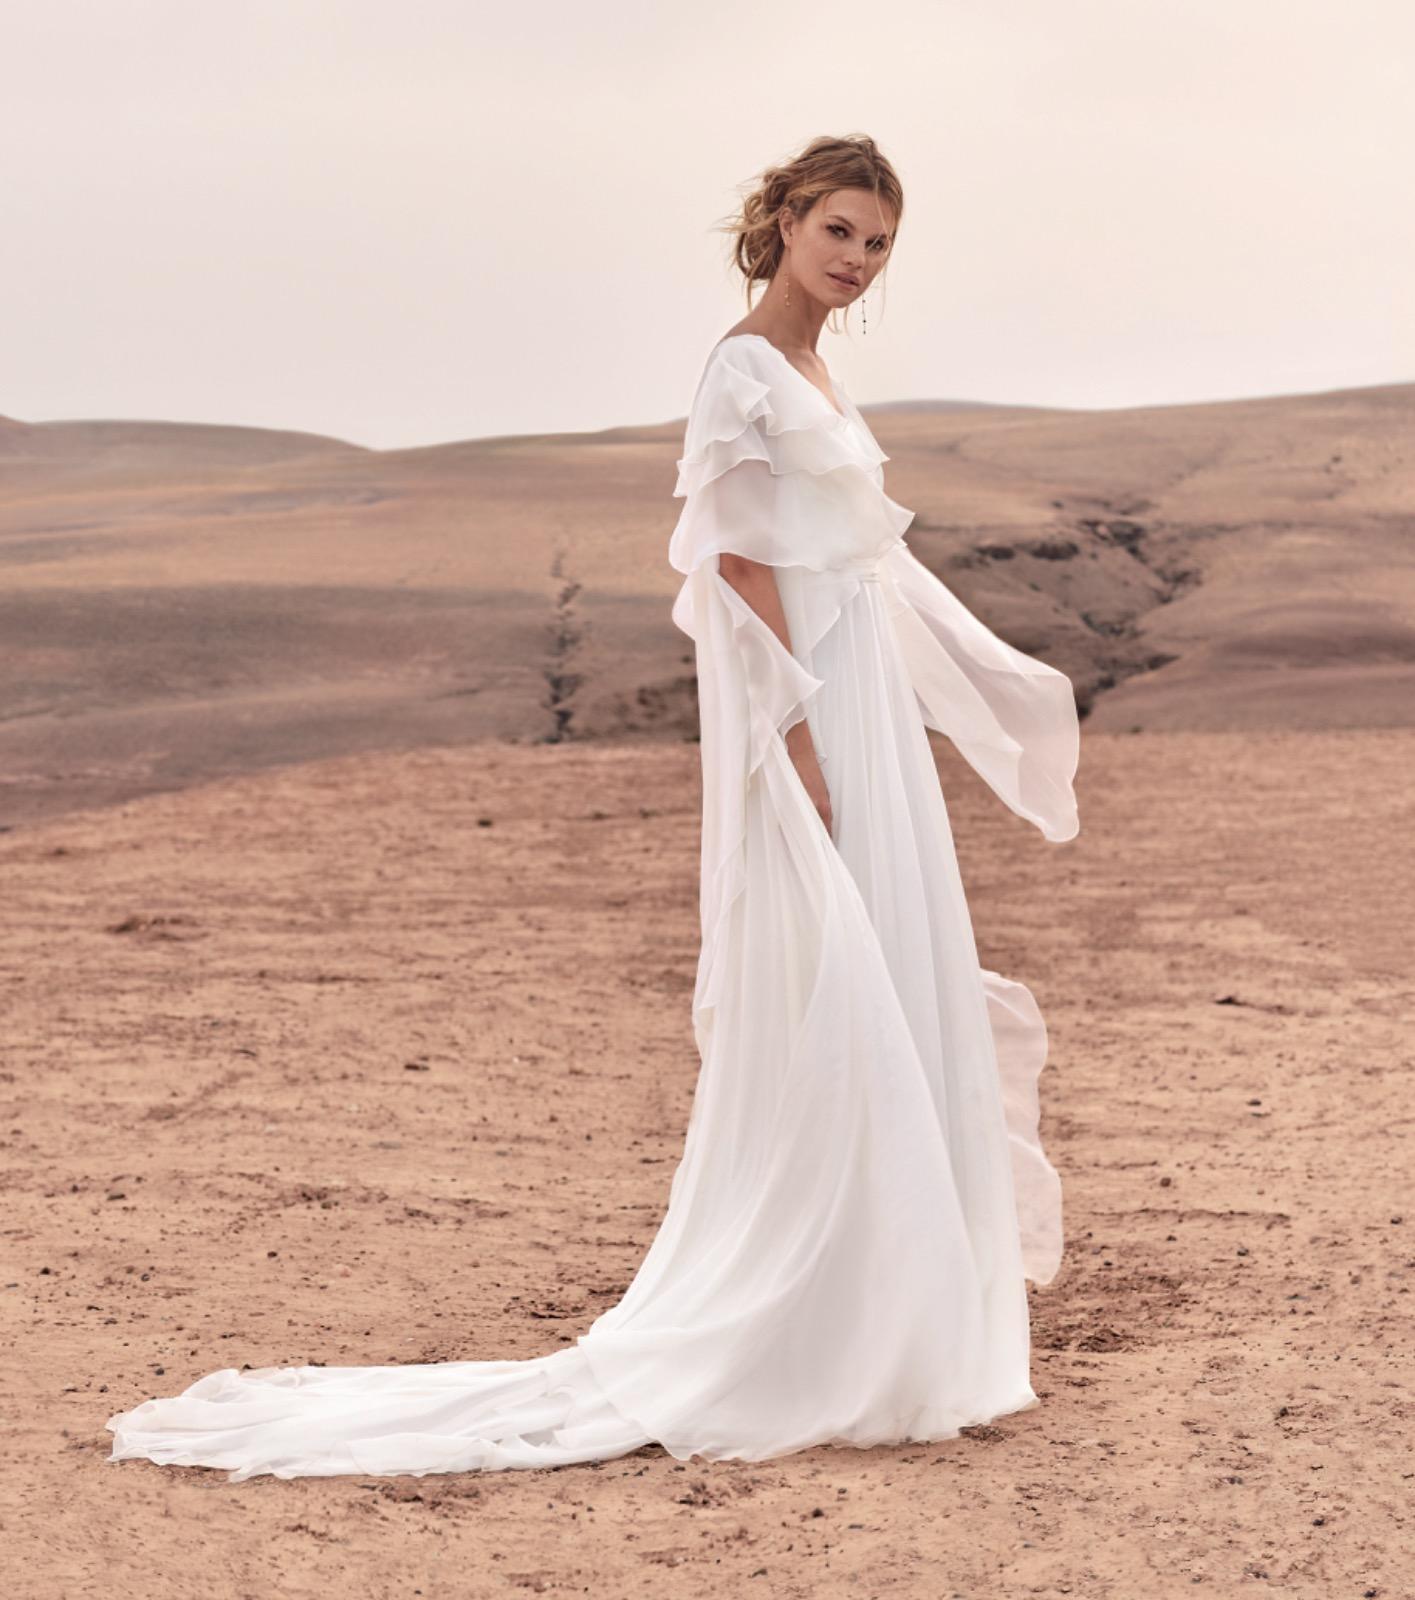 Vestiti Da Sposa Eme.Atelier Eme Per Sentirsi Una Nuova Sposa Sposami